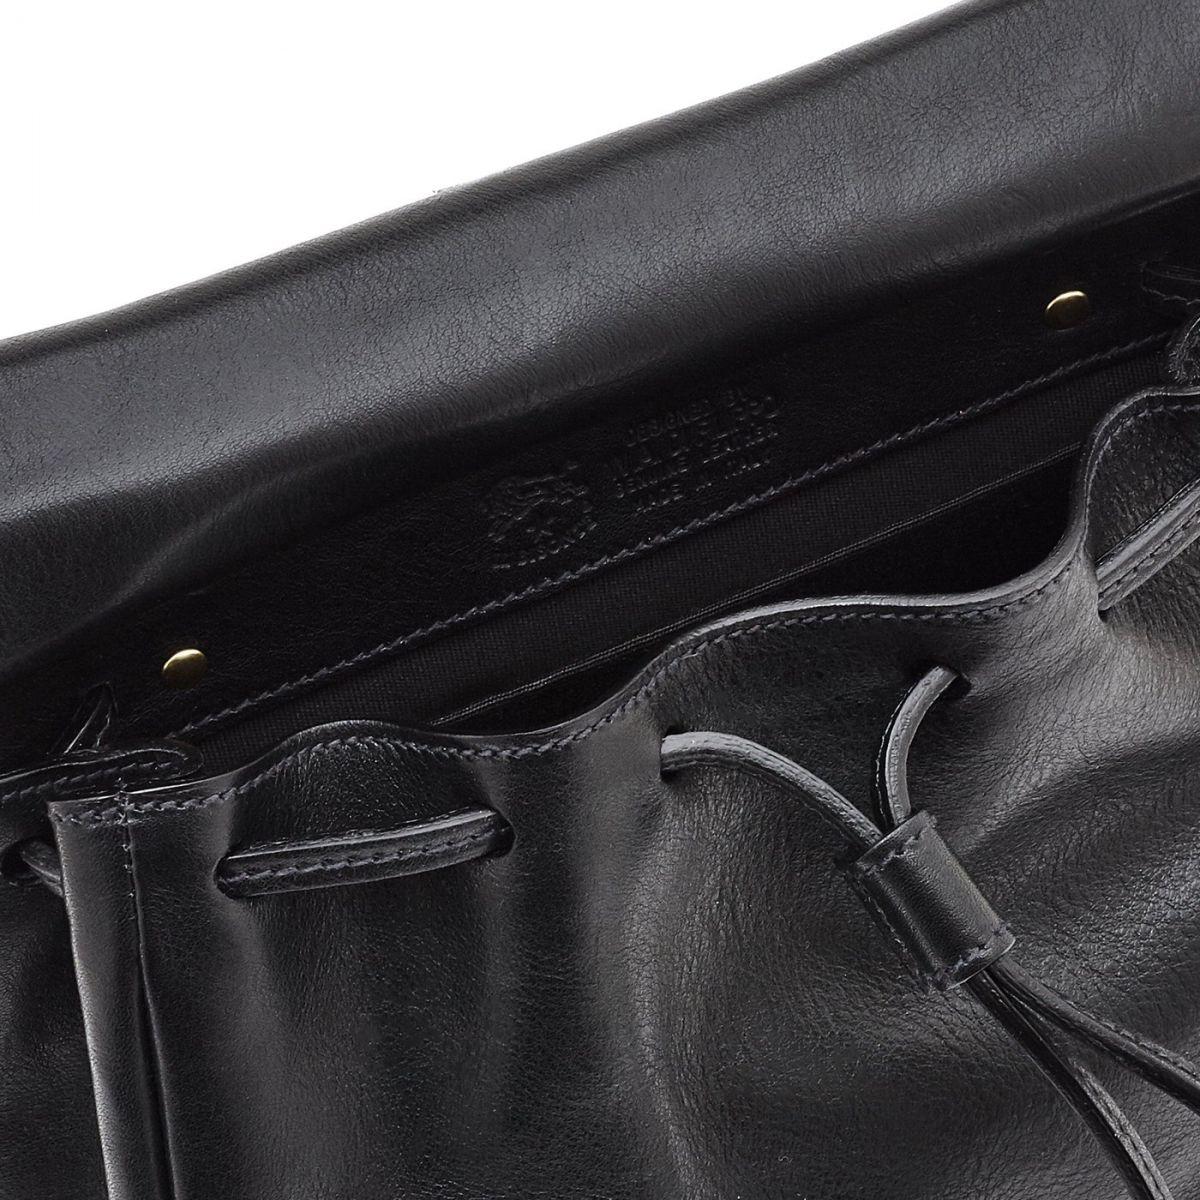 Sac Bandouliere pour Femme Tornabuoni en Cuir De Vachette Doublé BCR086 couleur Noir | Details